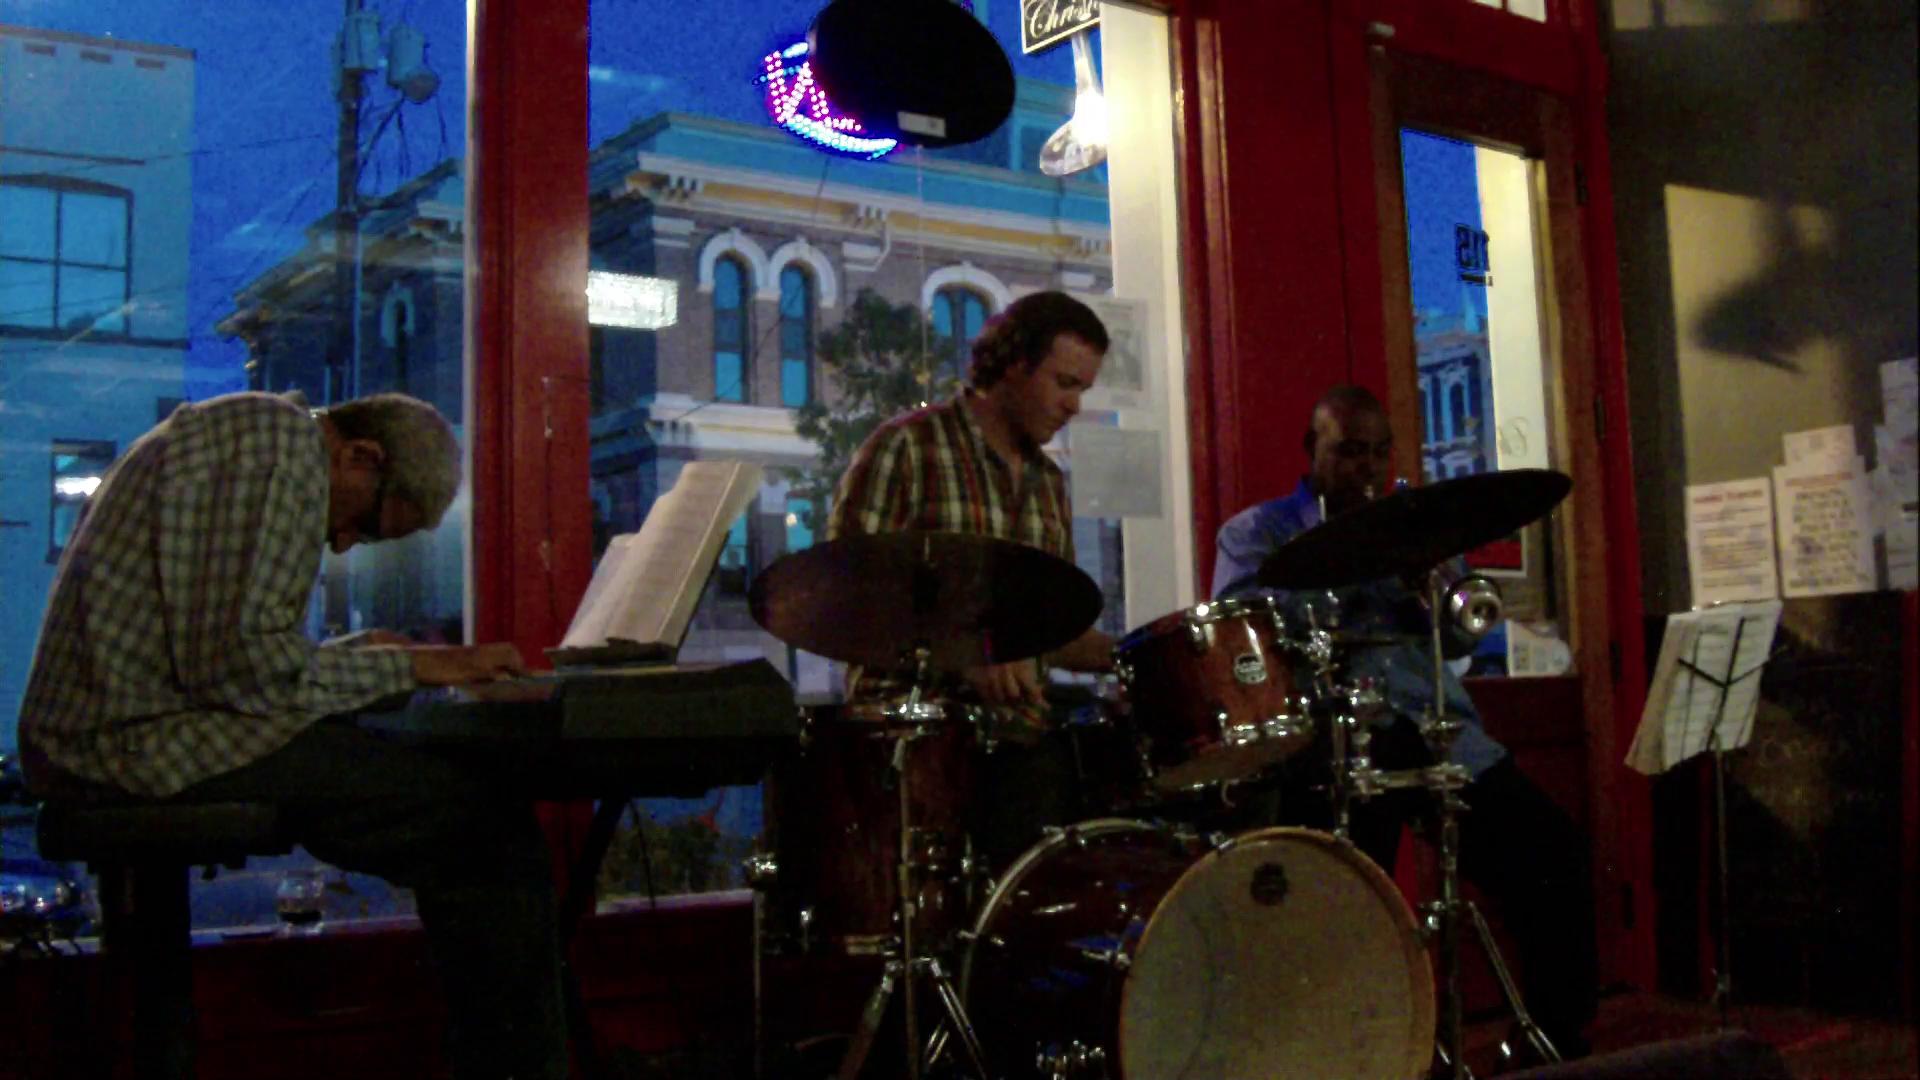 Jazz in Georgetown, Ky 3-25-16